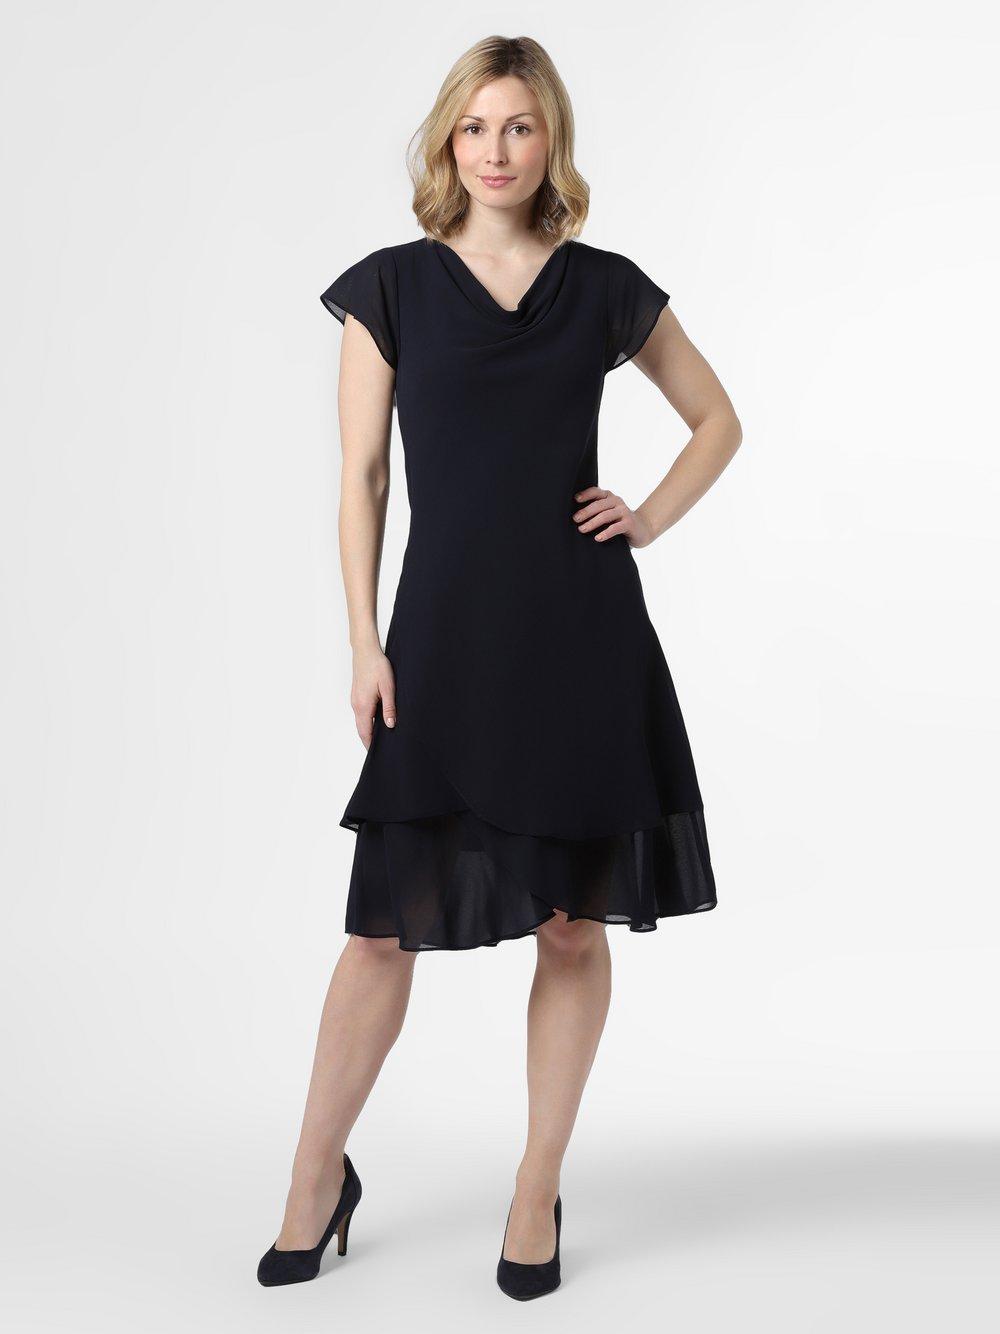 Ambiance – Damska sukienka wieczorowa, niebieski Van Graaf 470965-0001-00460